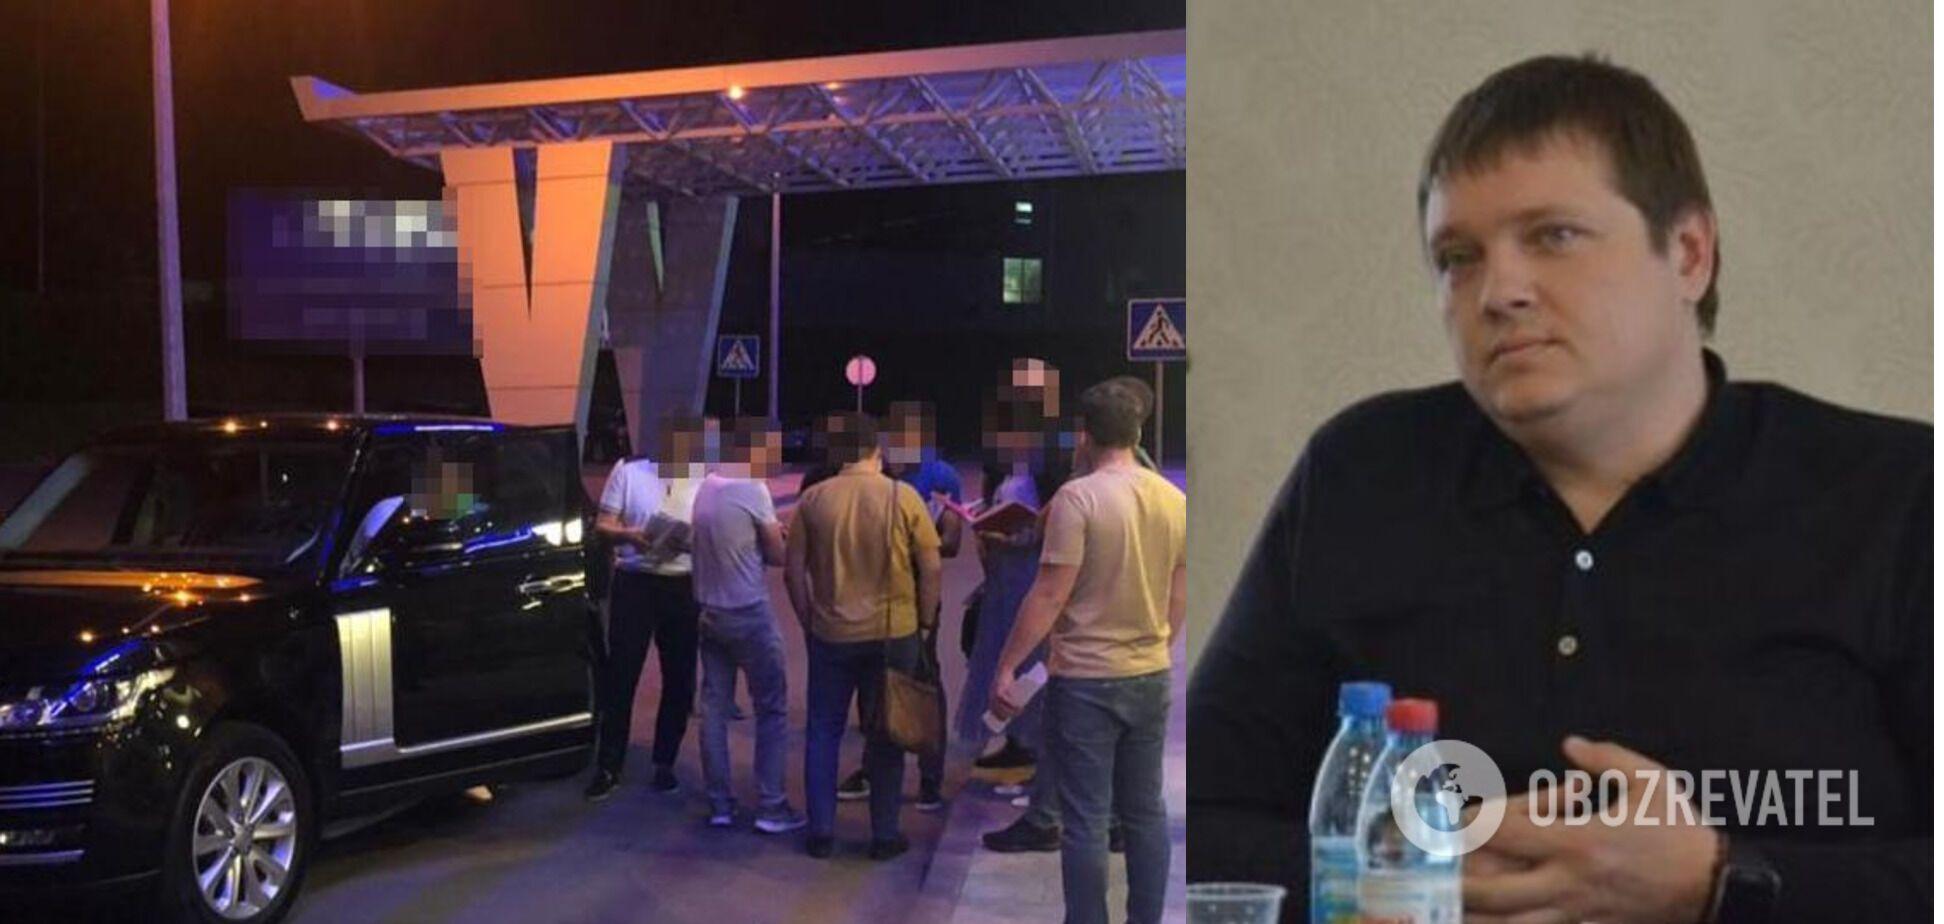 Топменеджер Тимошенко Андрій Власенко потрапив у корупційний скандал